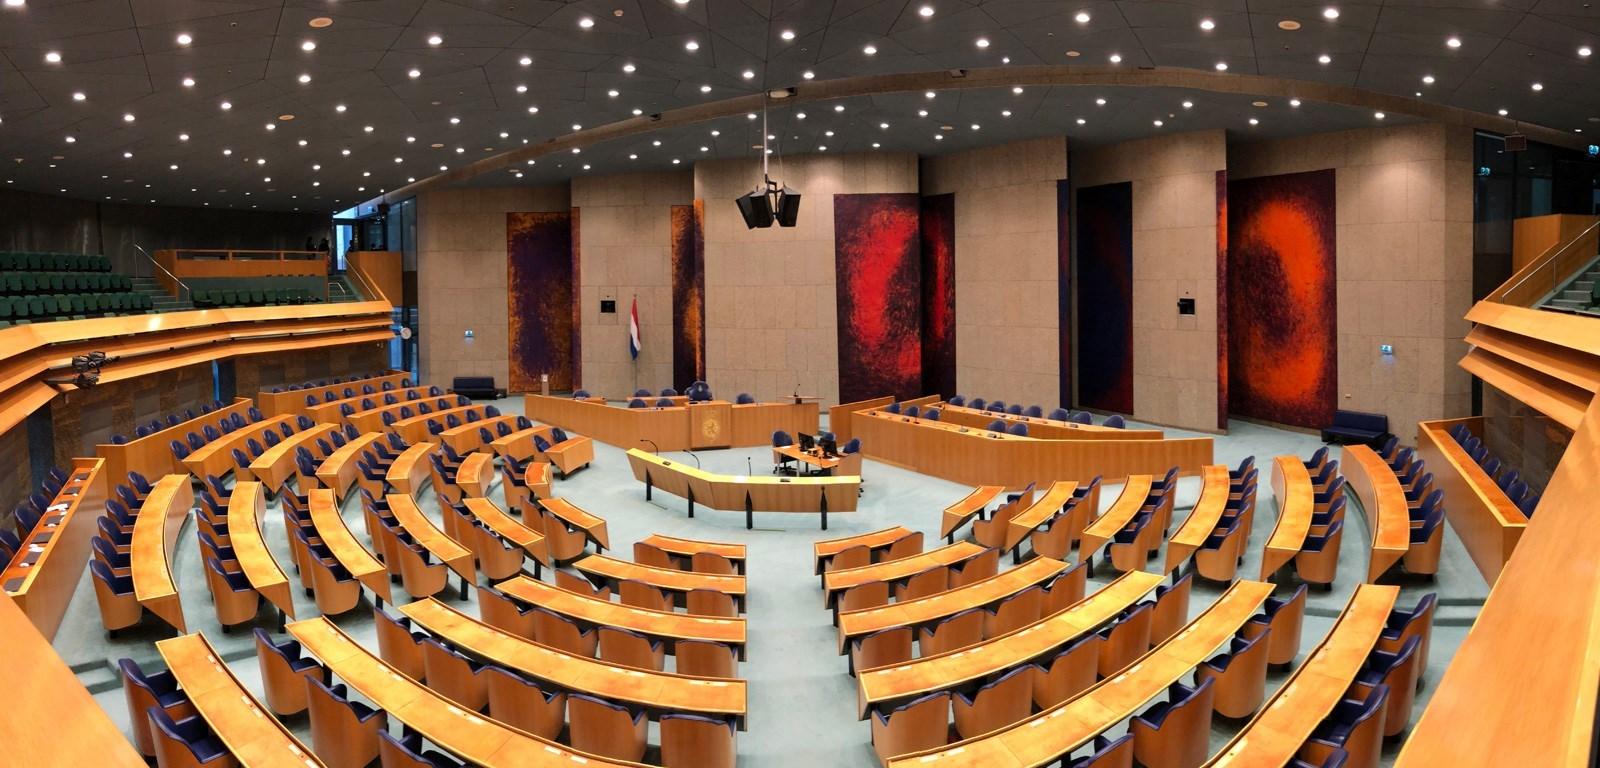 Minister Wiebes: netten beter benutten met nieuwe spelregels en systeembenadering